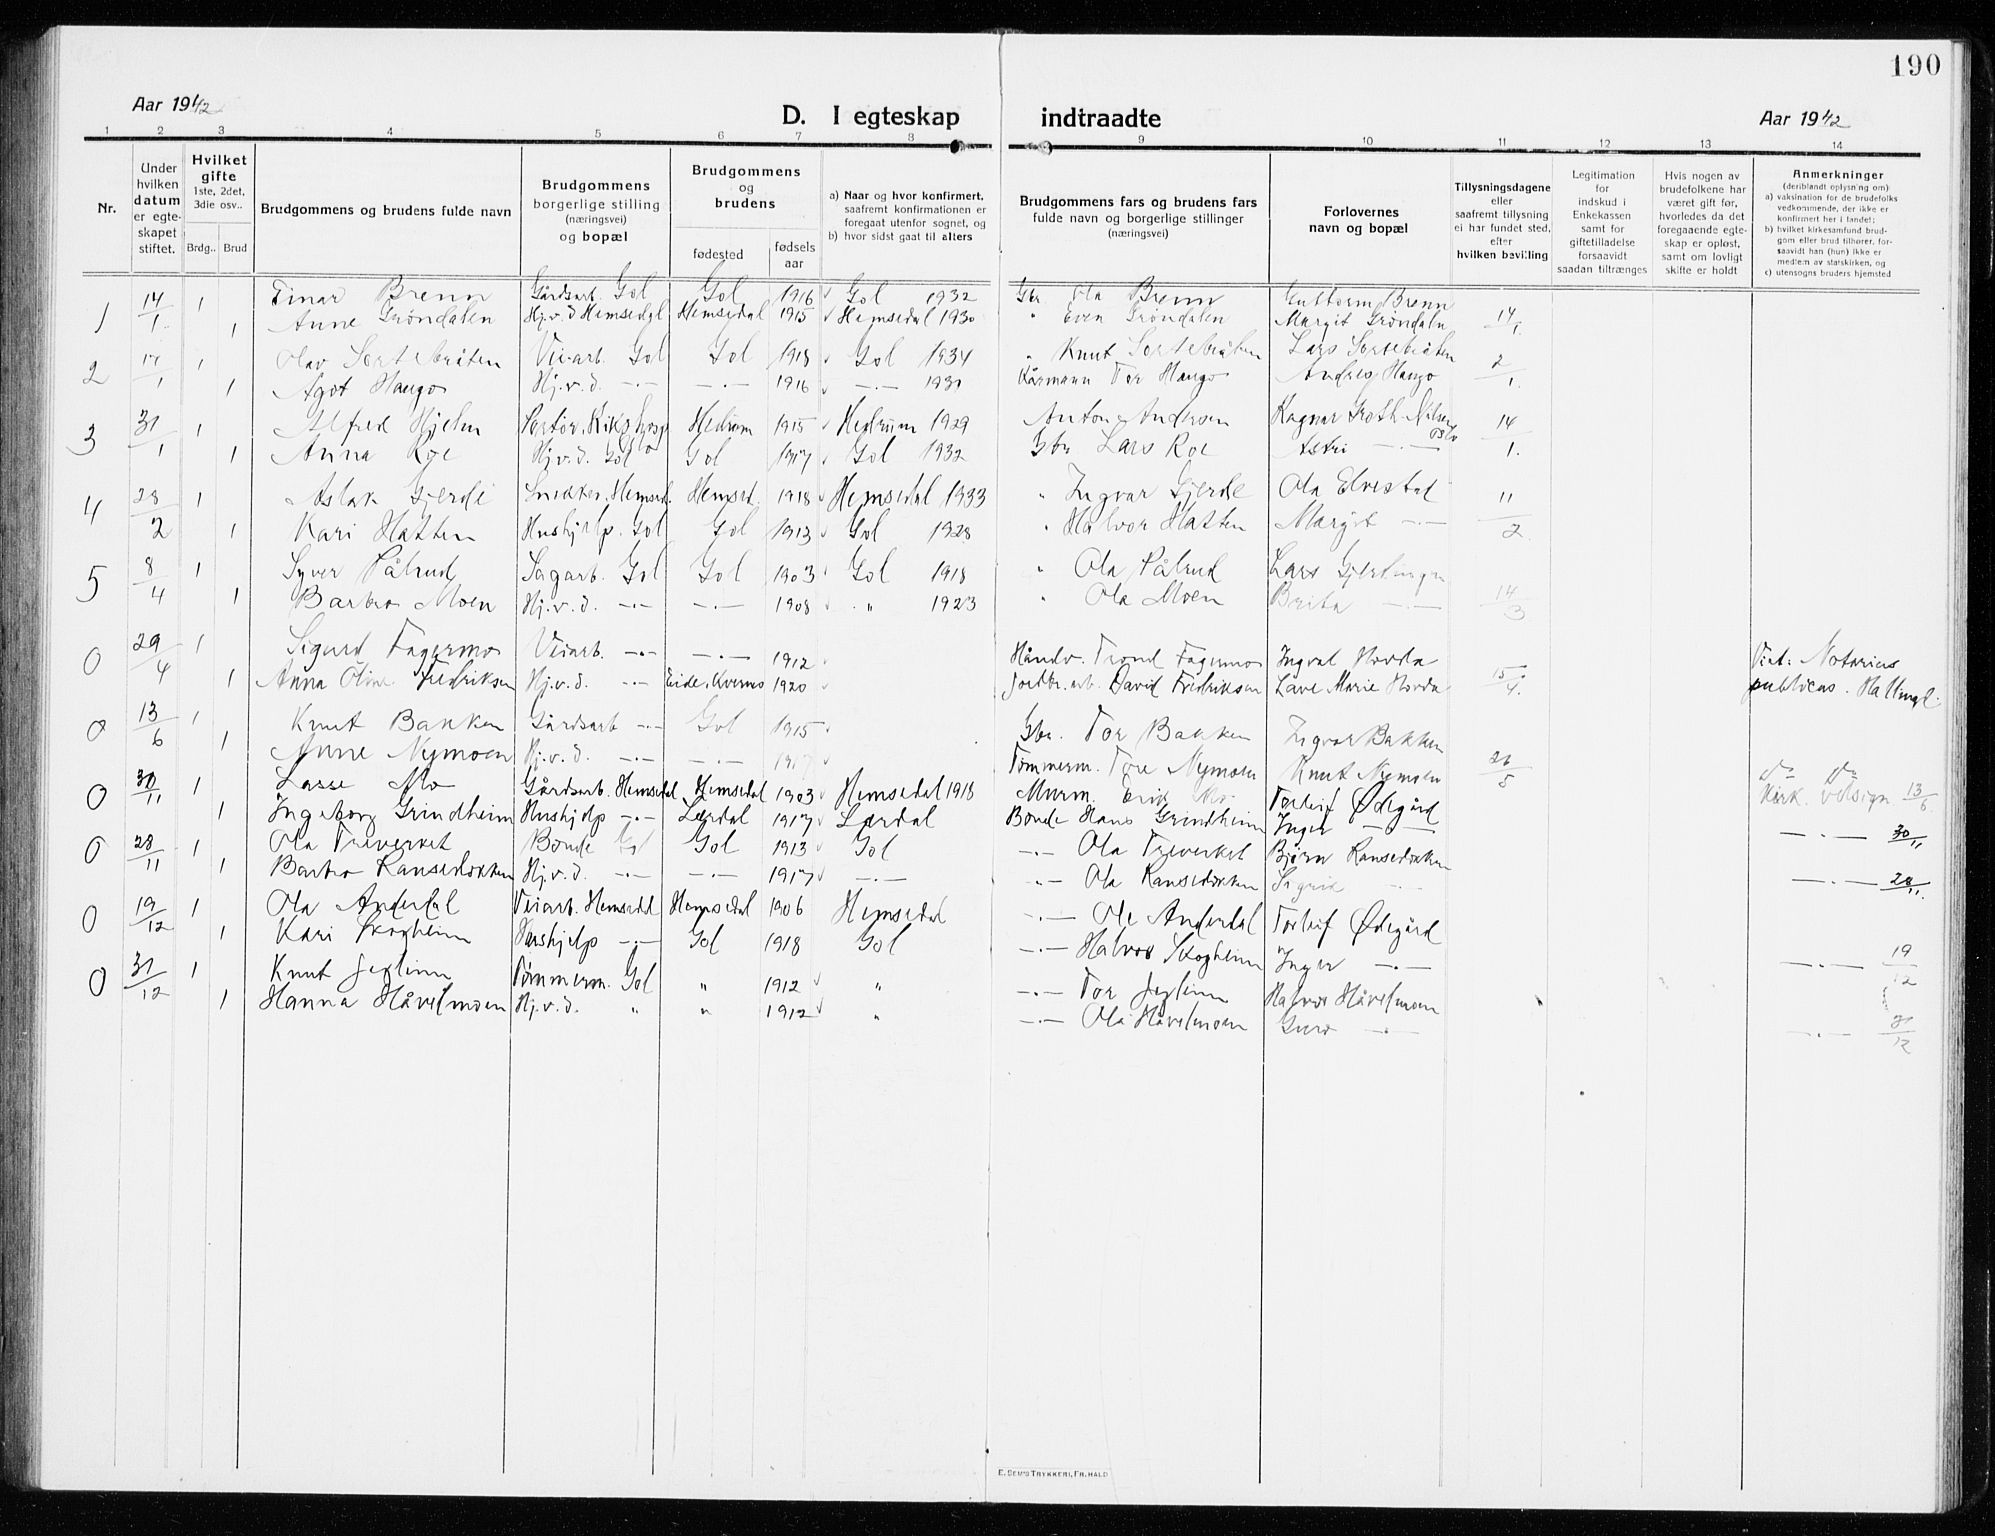 SAKO, Gol kirkebøker, G/Ga/L0004: Klokkerbok nr. I 4, 1915-1943, s. 190